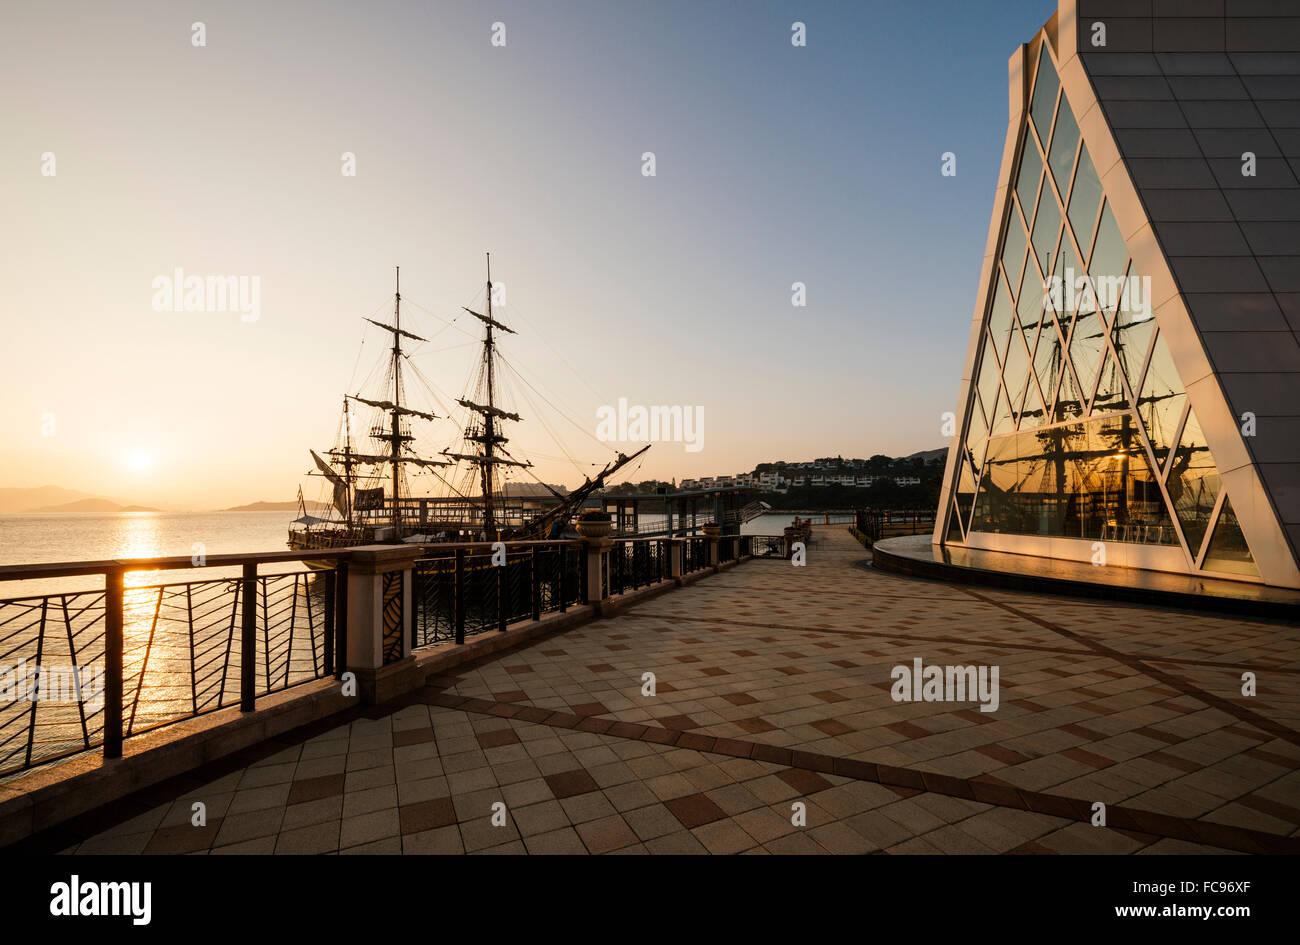 Discovery Bay at dawn, Lantau Island, Hong Kong, China, Asia - Stock Image